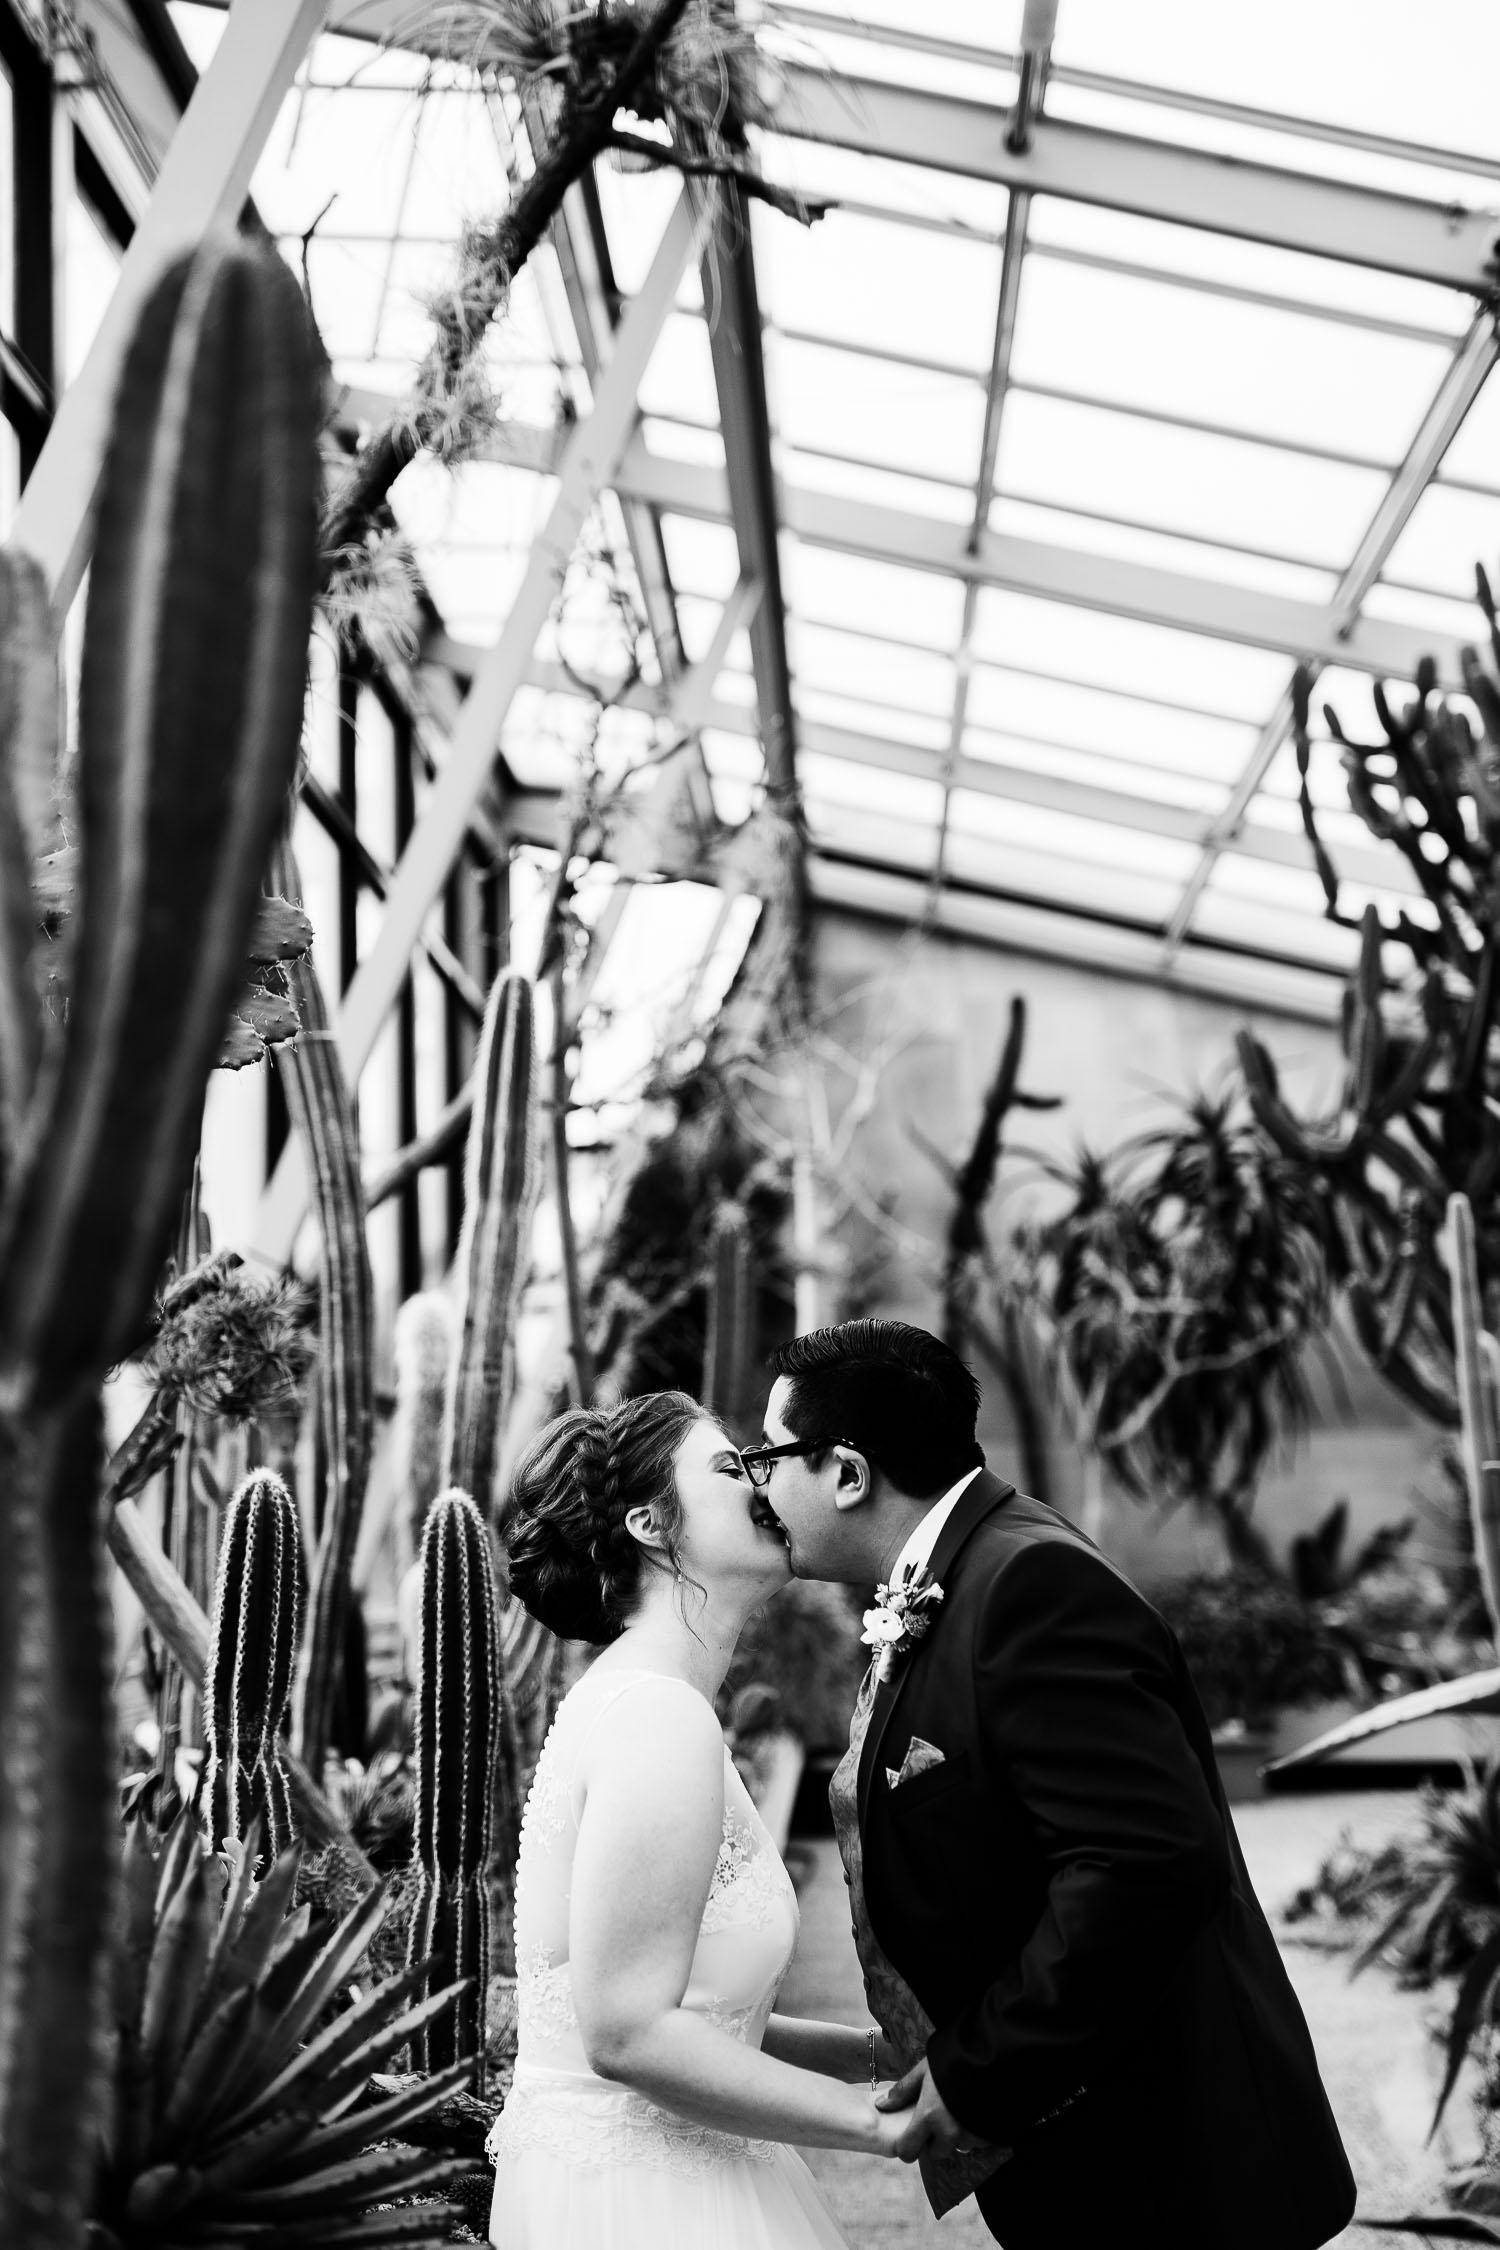 Hochzeitsfotografie-Hannover-Hochzeitsfotograf-m-fotografiert-Fotografie-Hochzeit-46-2 Marie & Elias Hochzeitreportage